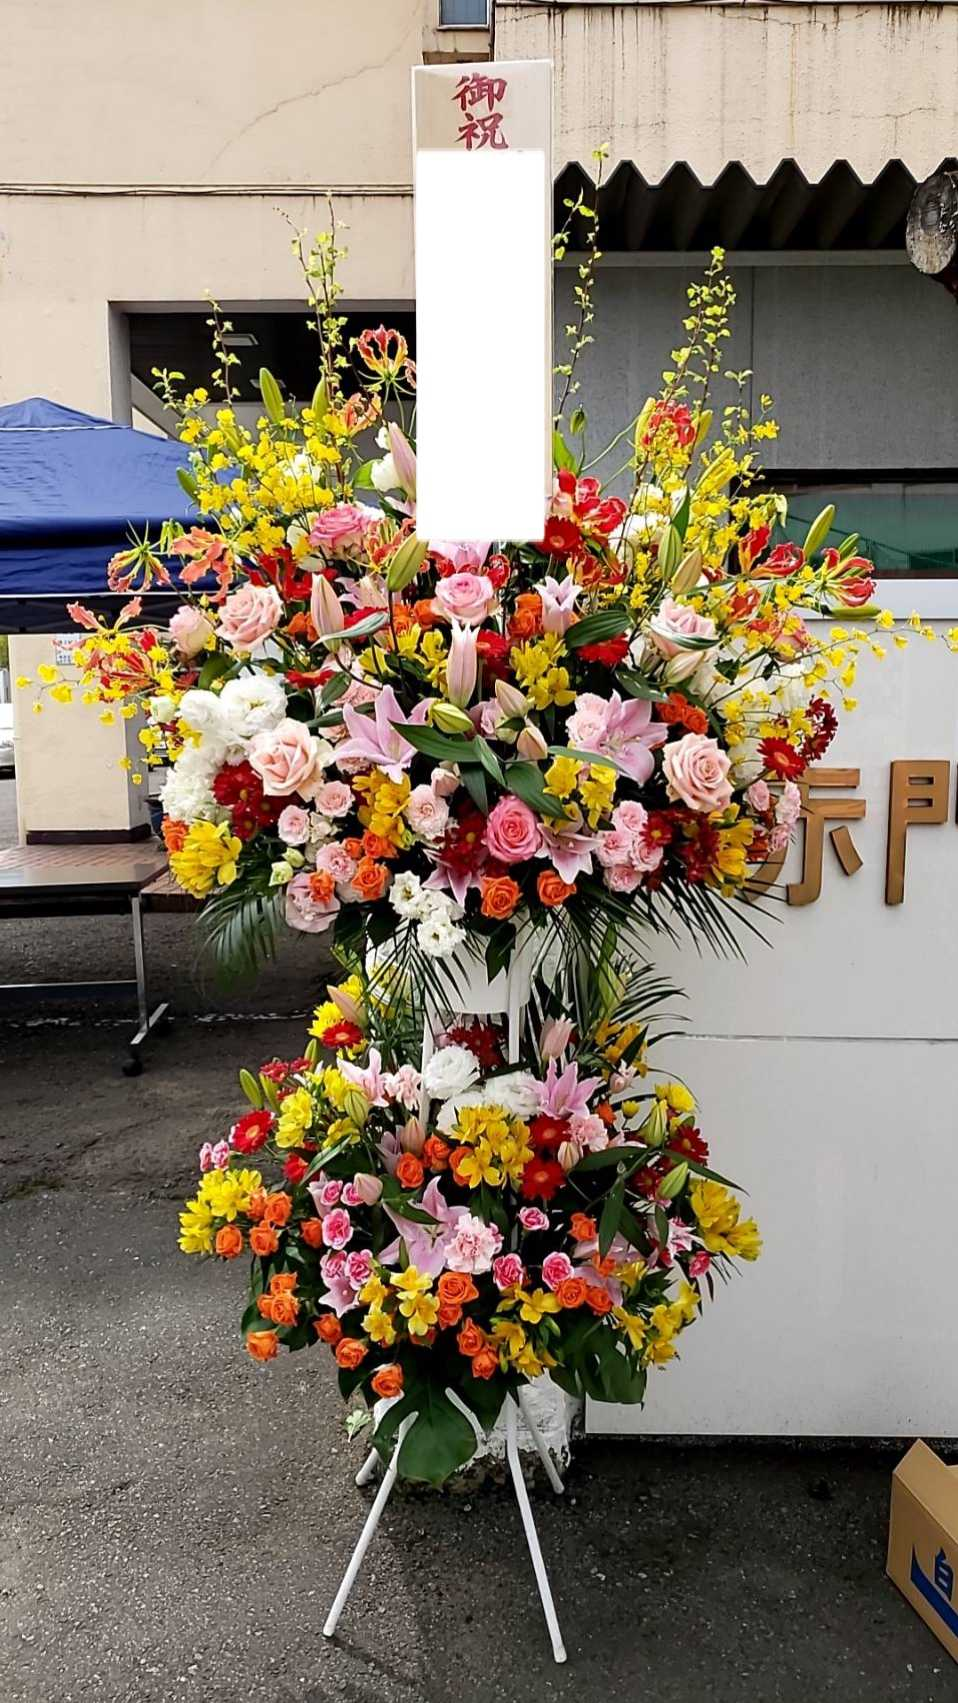 御祝スタンド生花を納品しました